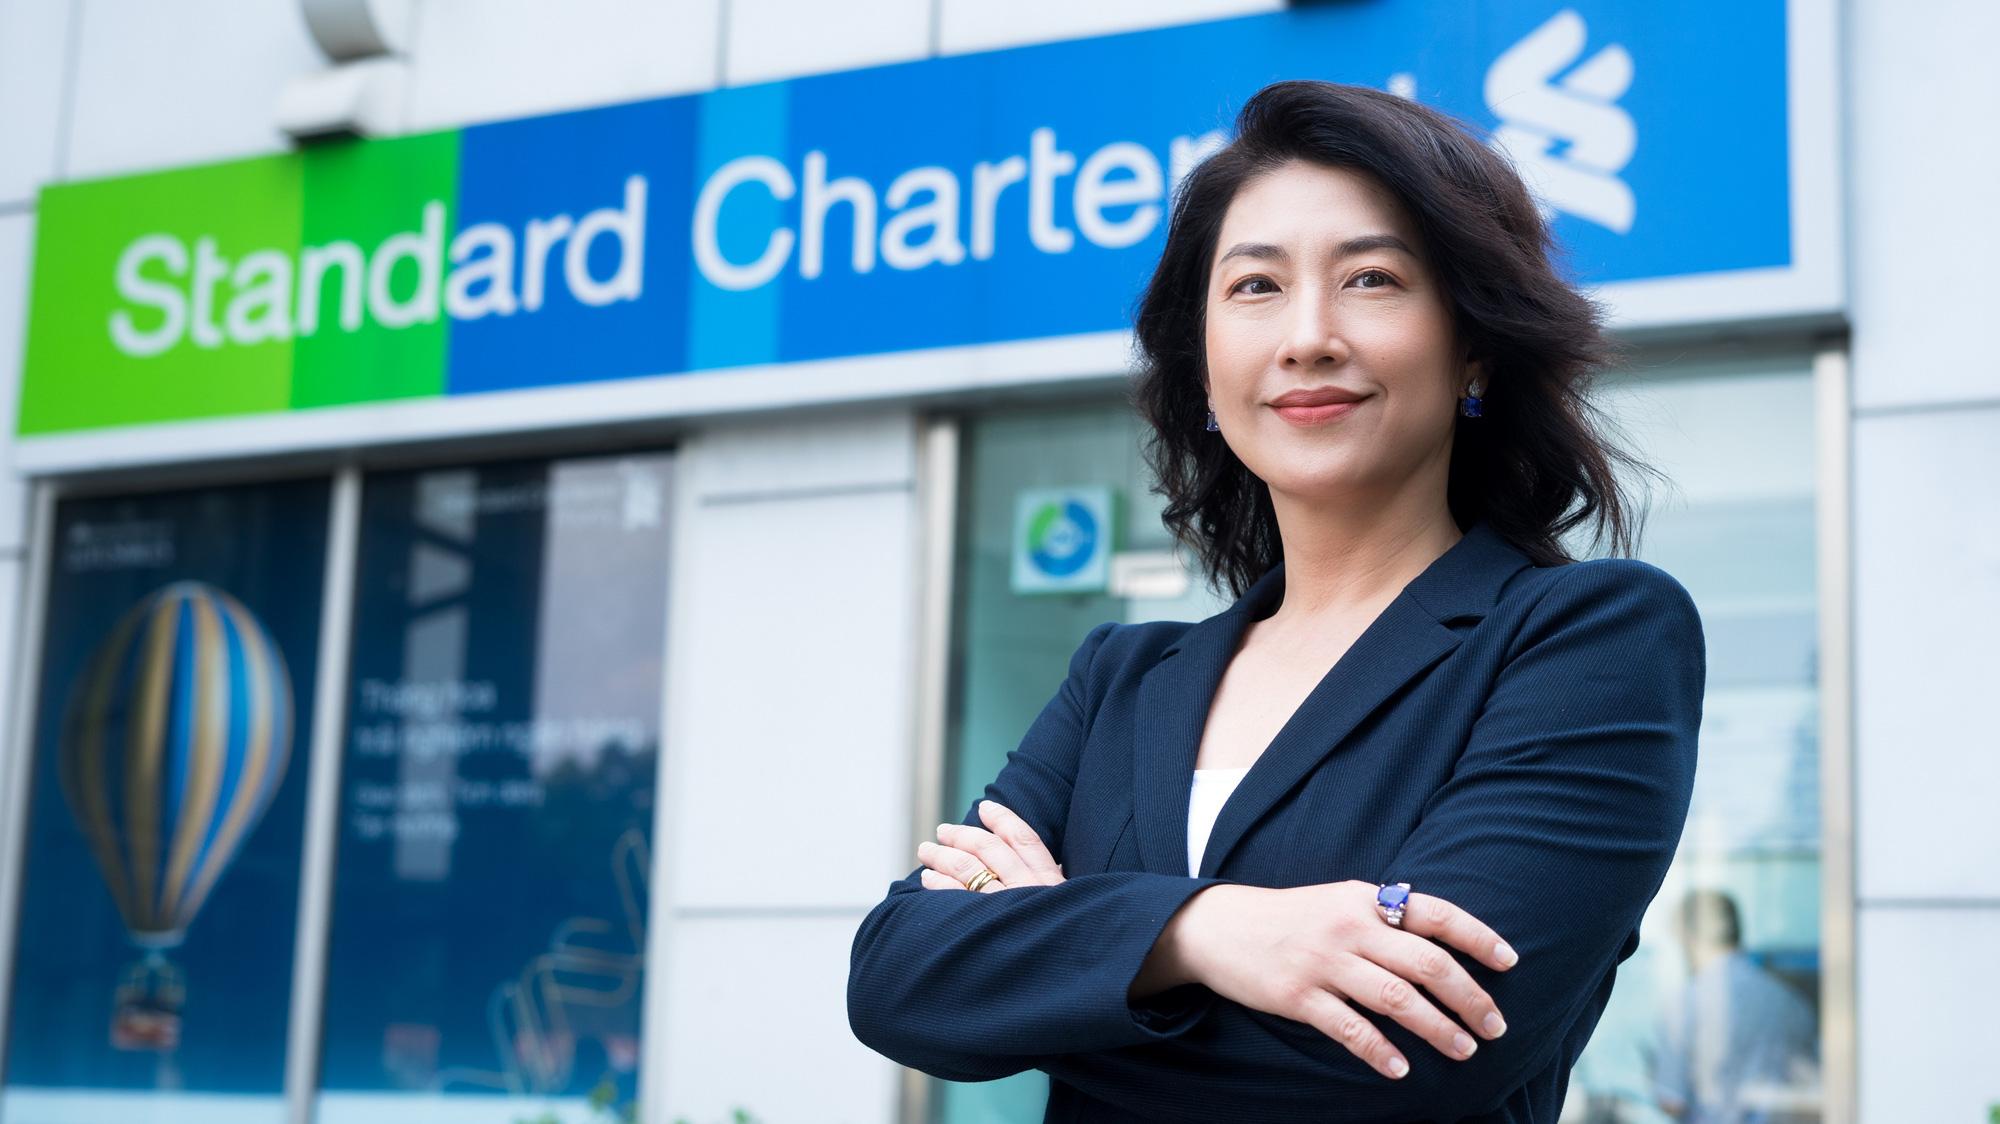 Lãi suất ngân hàng Standard Chartered tháng 9/2021 giảm tại hầu hết kỳ hạn - Ảnh 1.